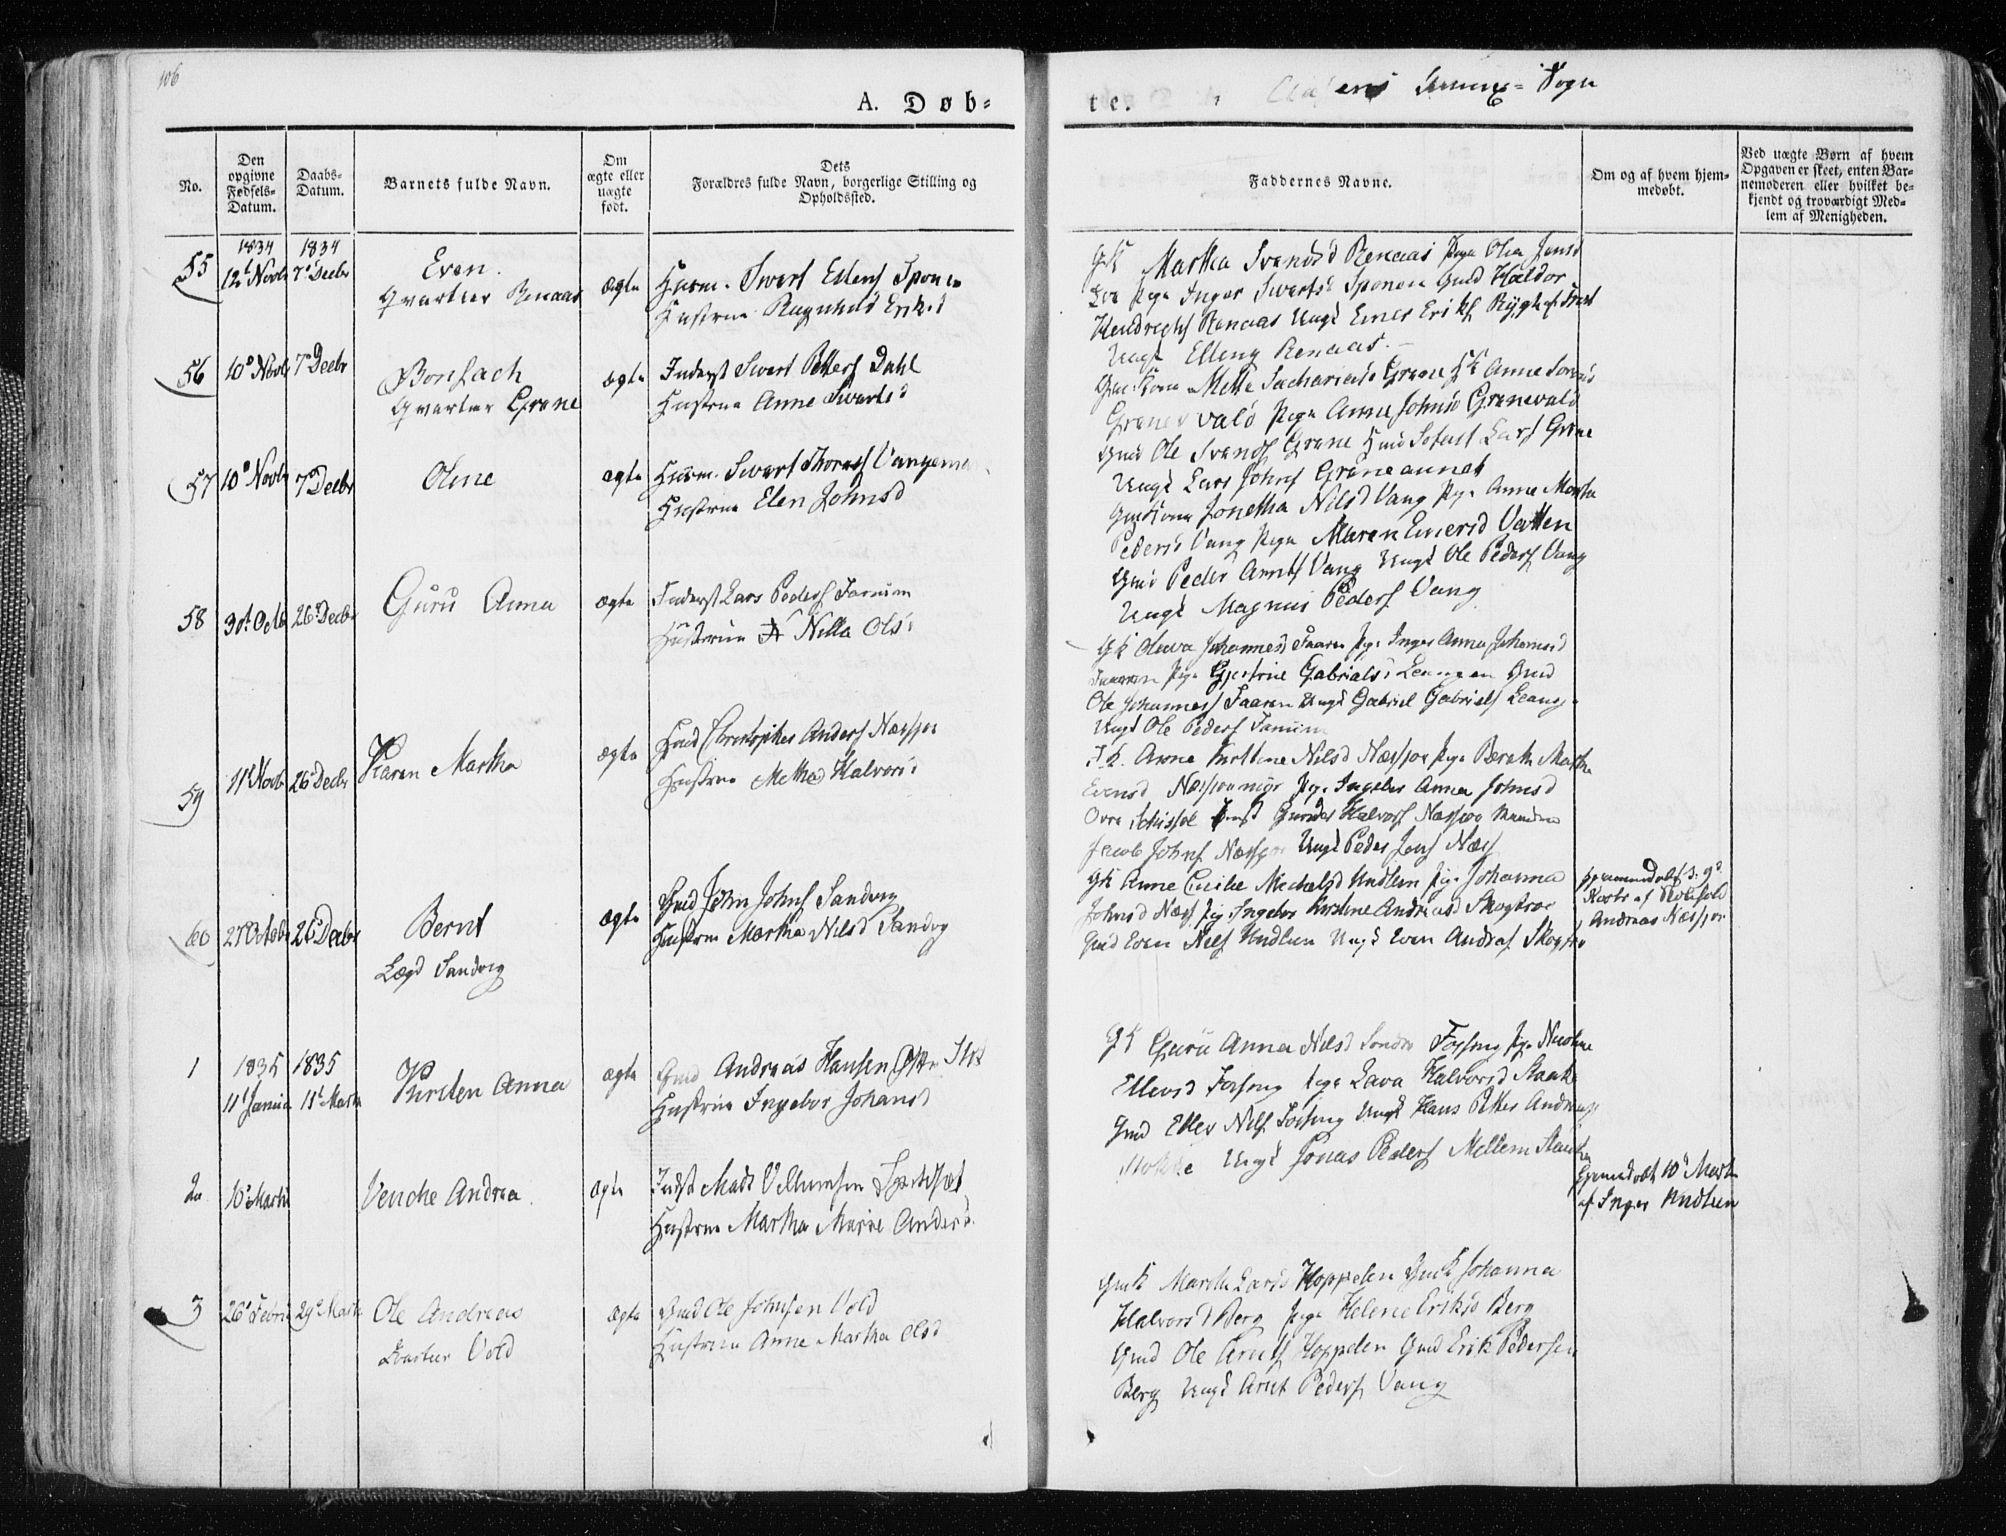 SAT, Ministerialprotokoller, klokkerbøker og fødselsregistre - Nord-Trøndelag, 713/L0114: Ministerialbok nr. 713A05, 1827-1839, s. 106